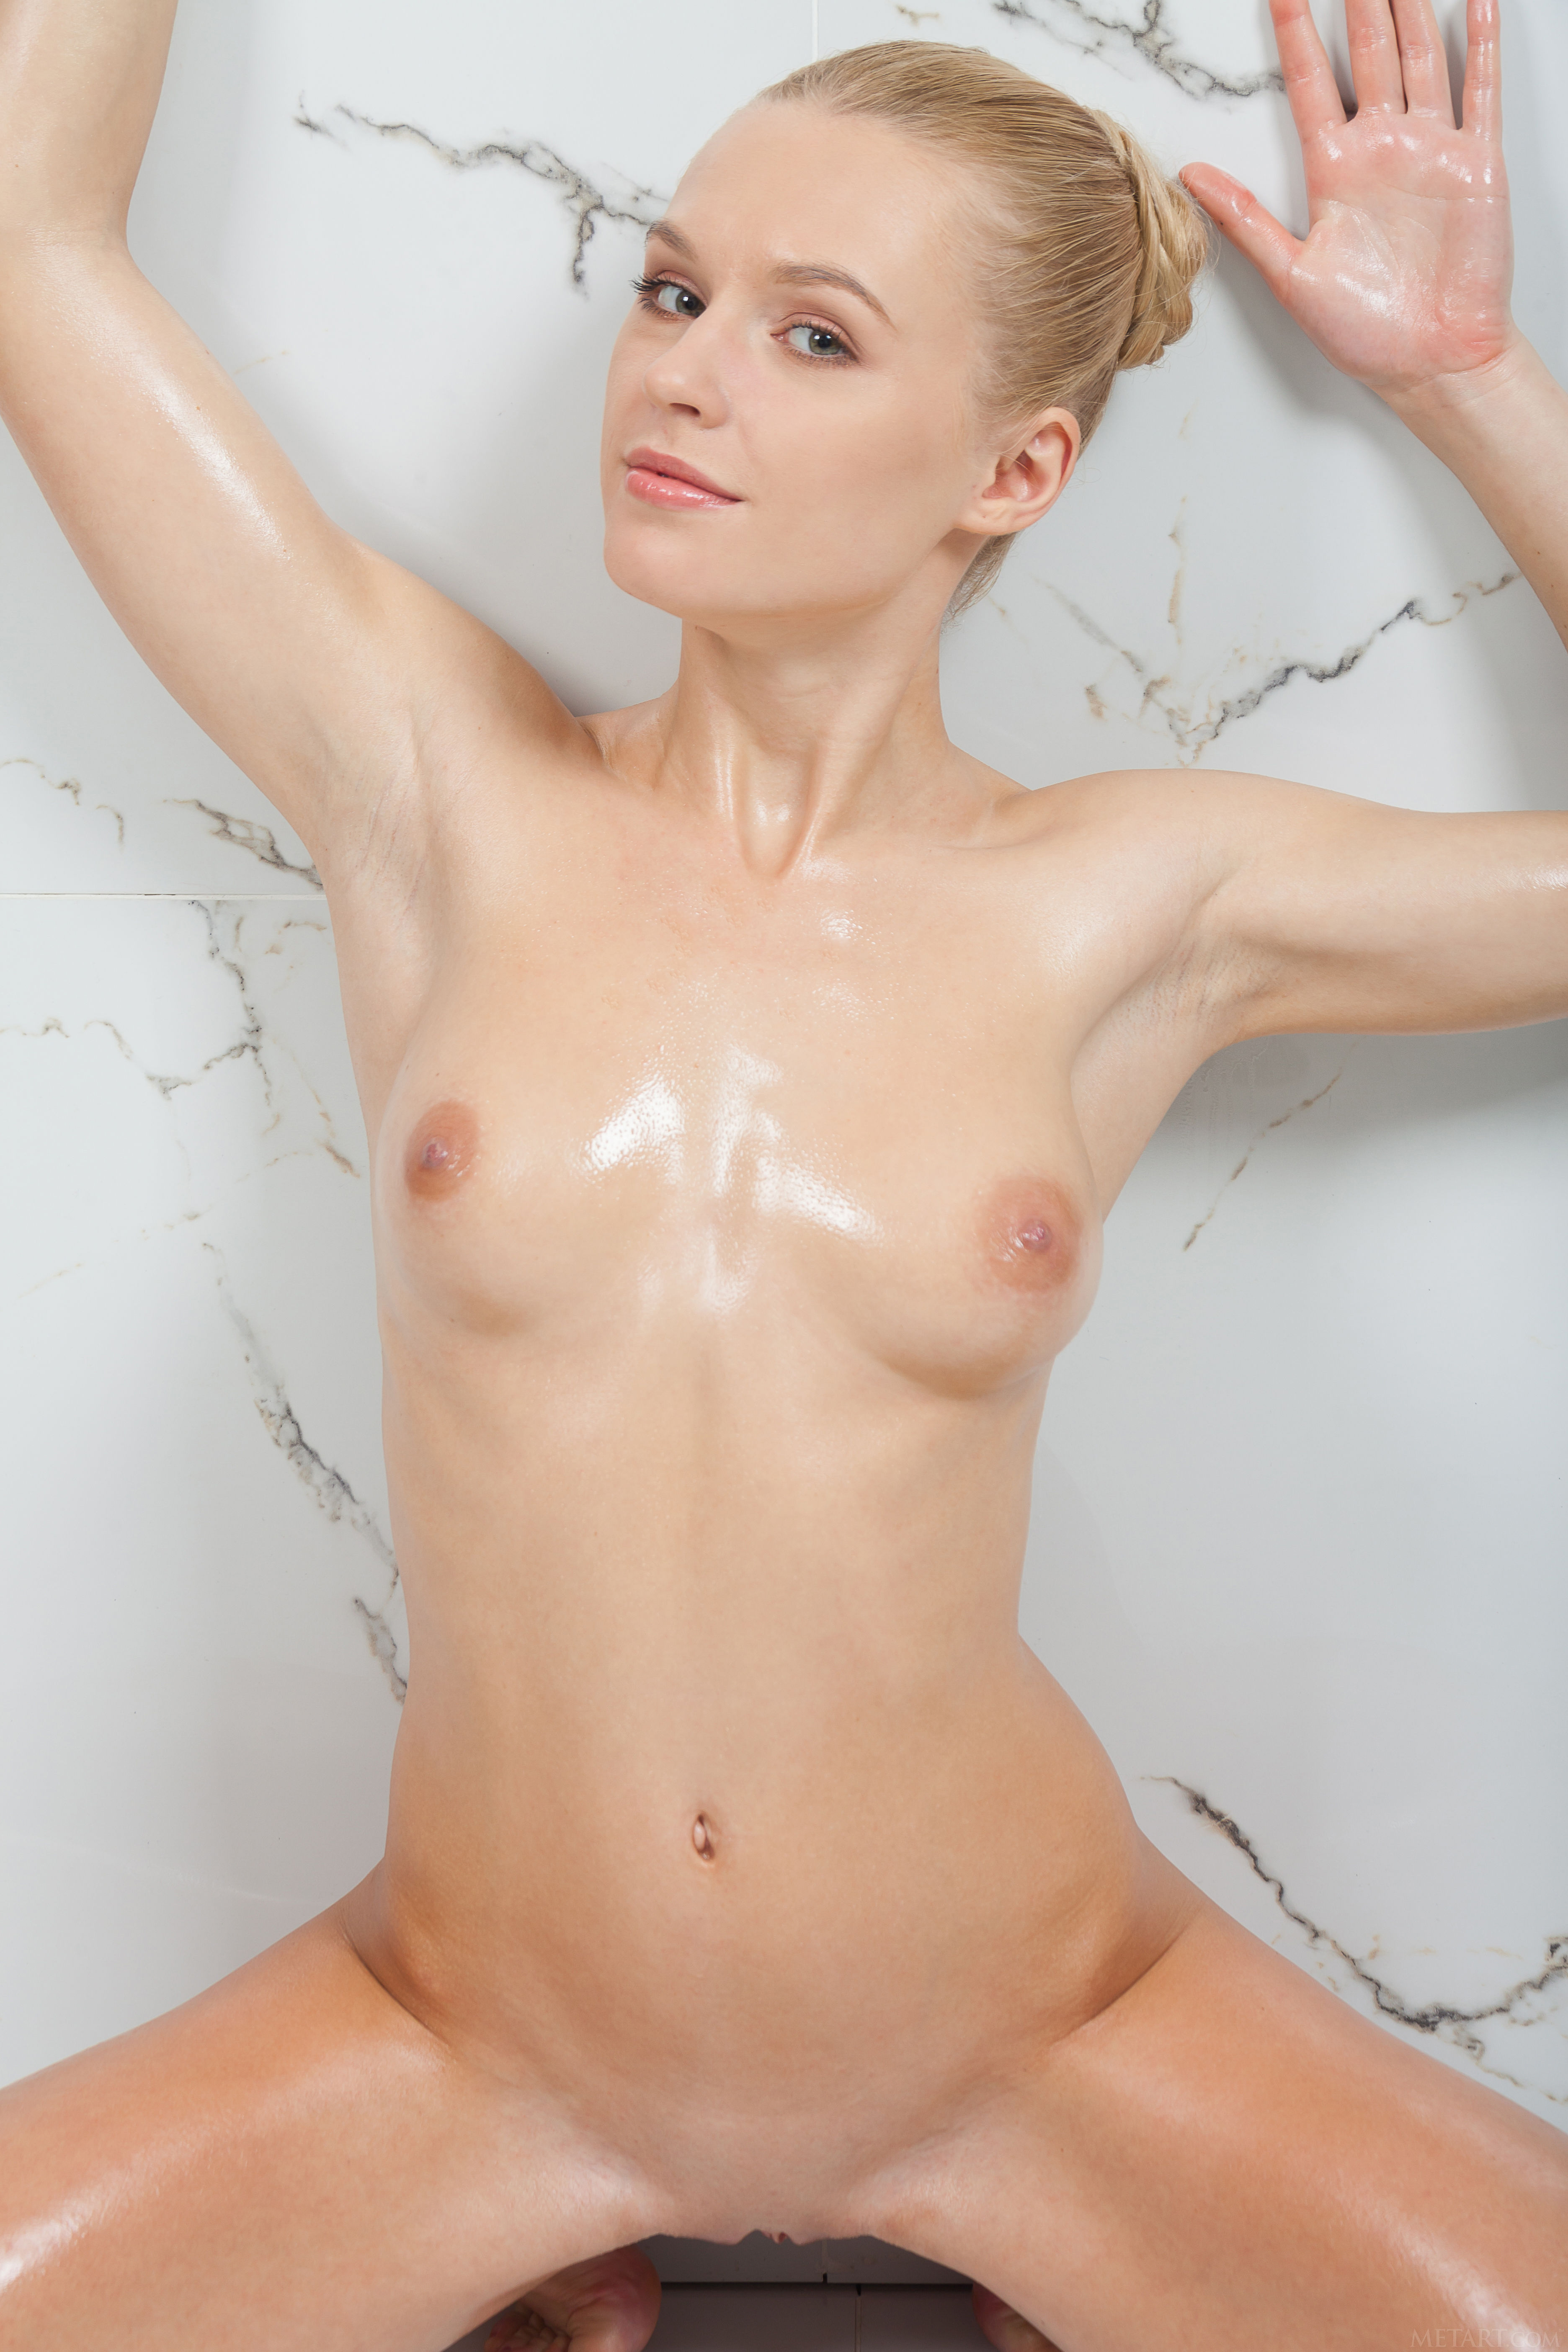 Xena naked vagina pics galaries adult images